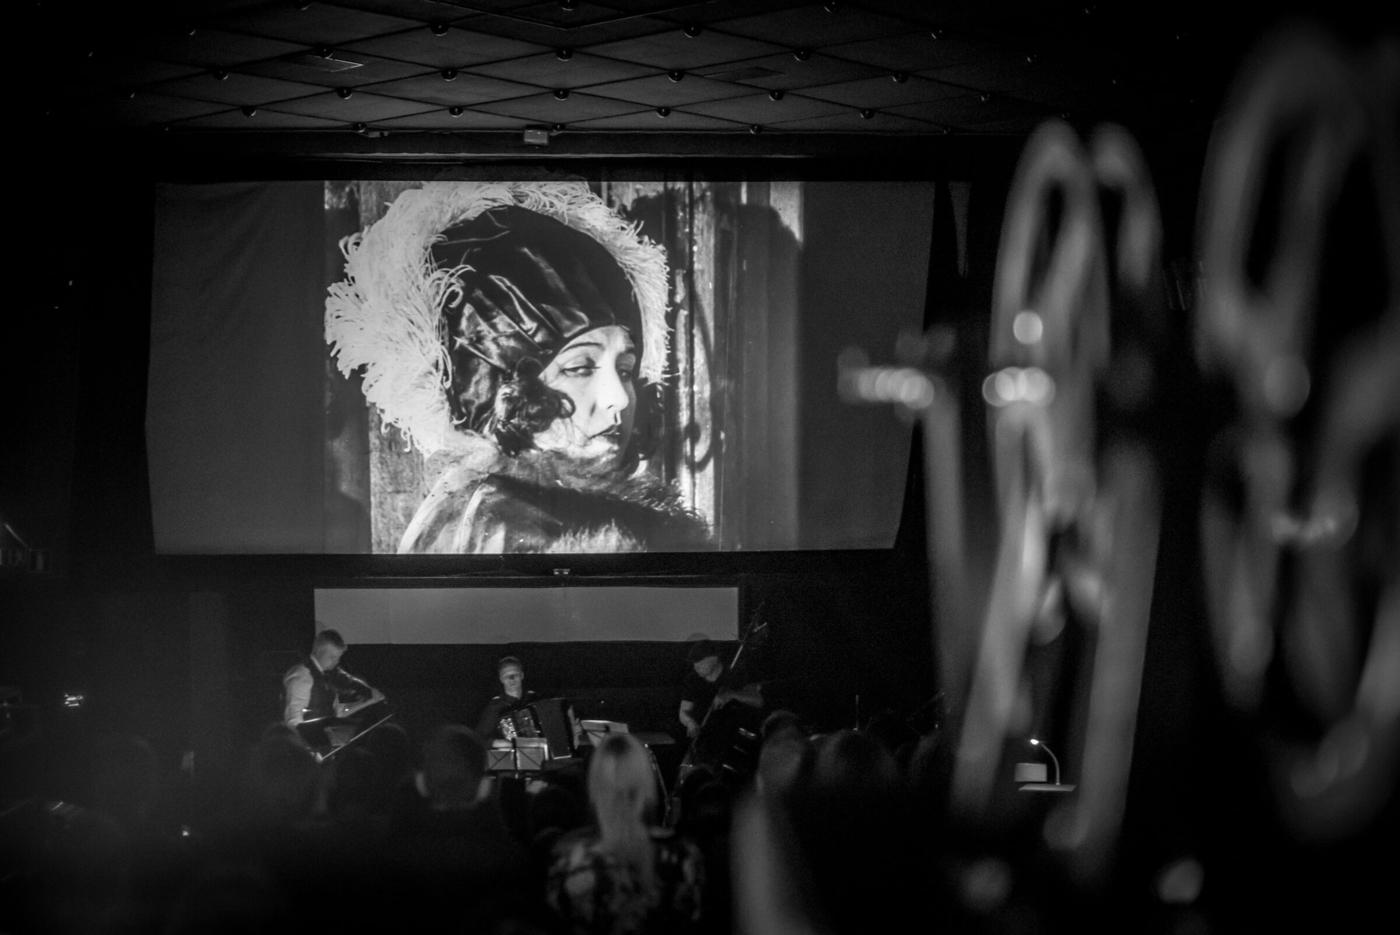 LoudSilents2015-EinoAnsio (2).jpg